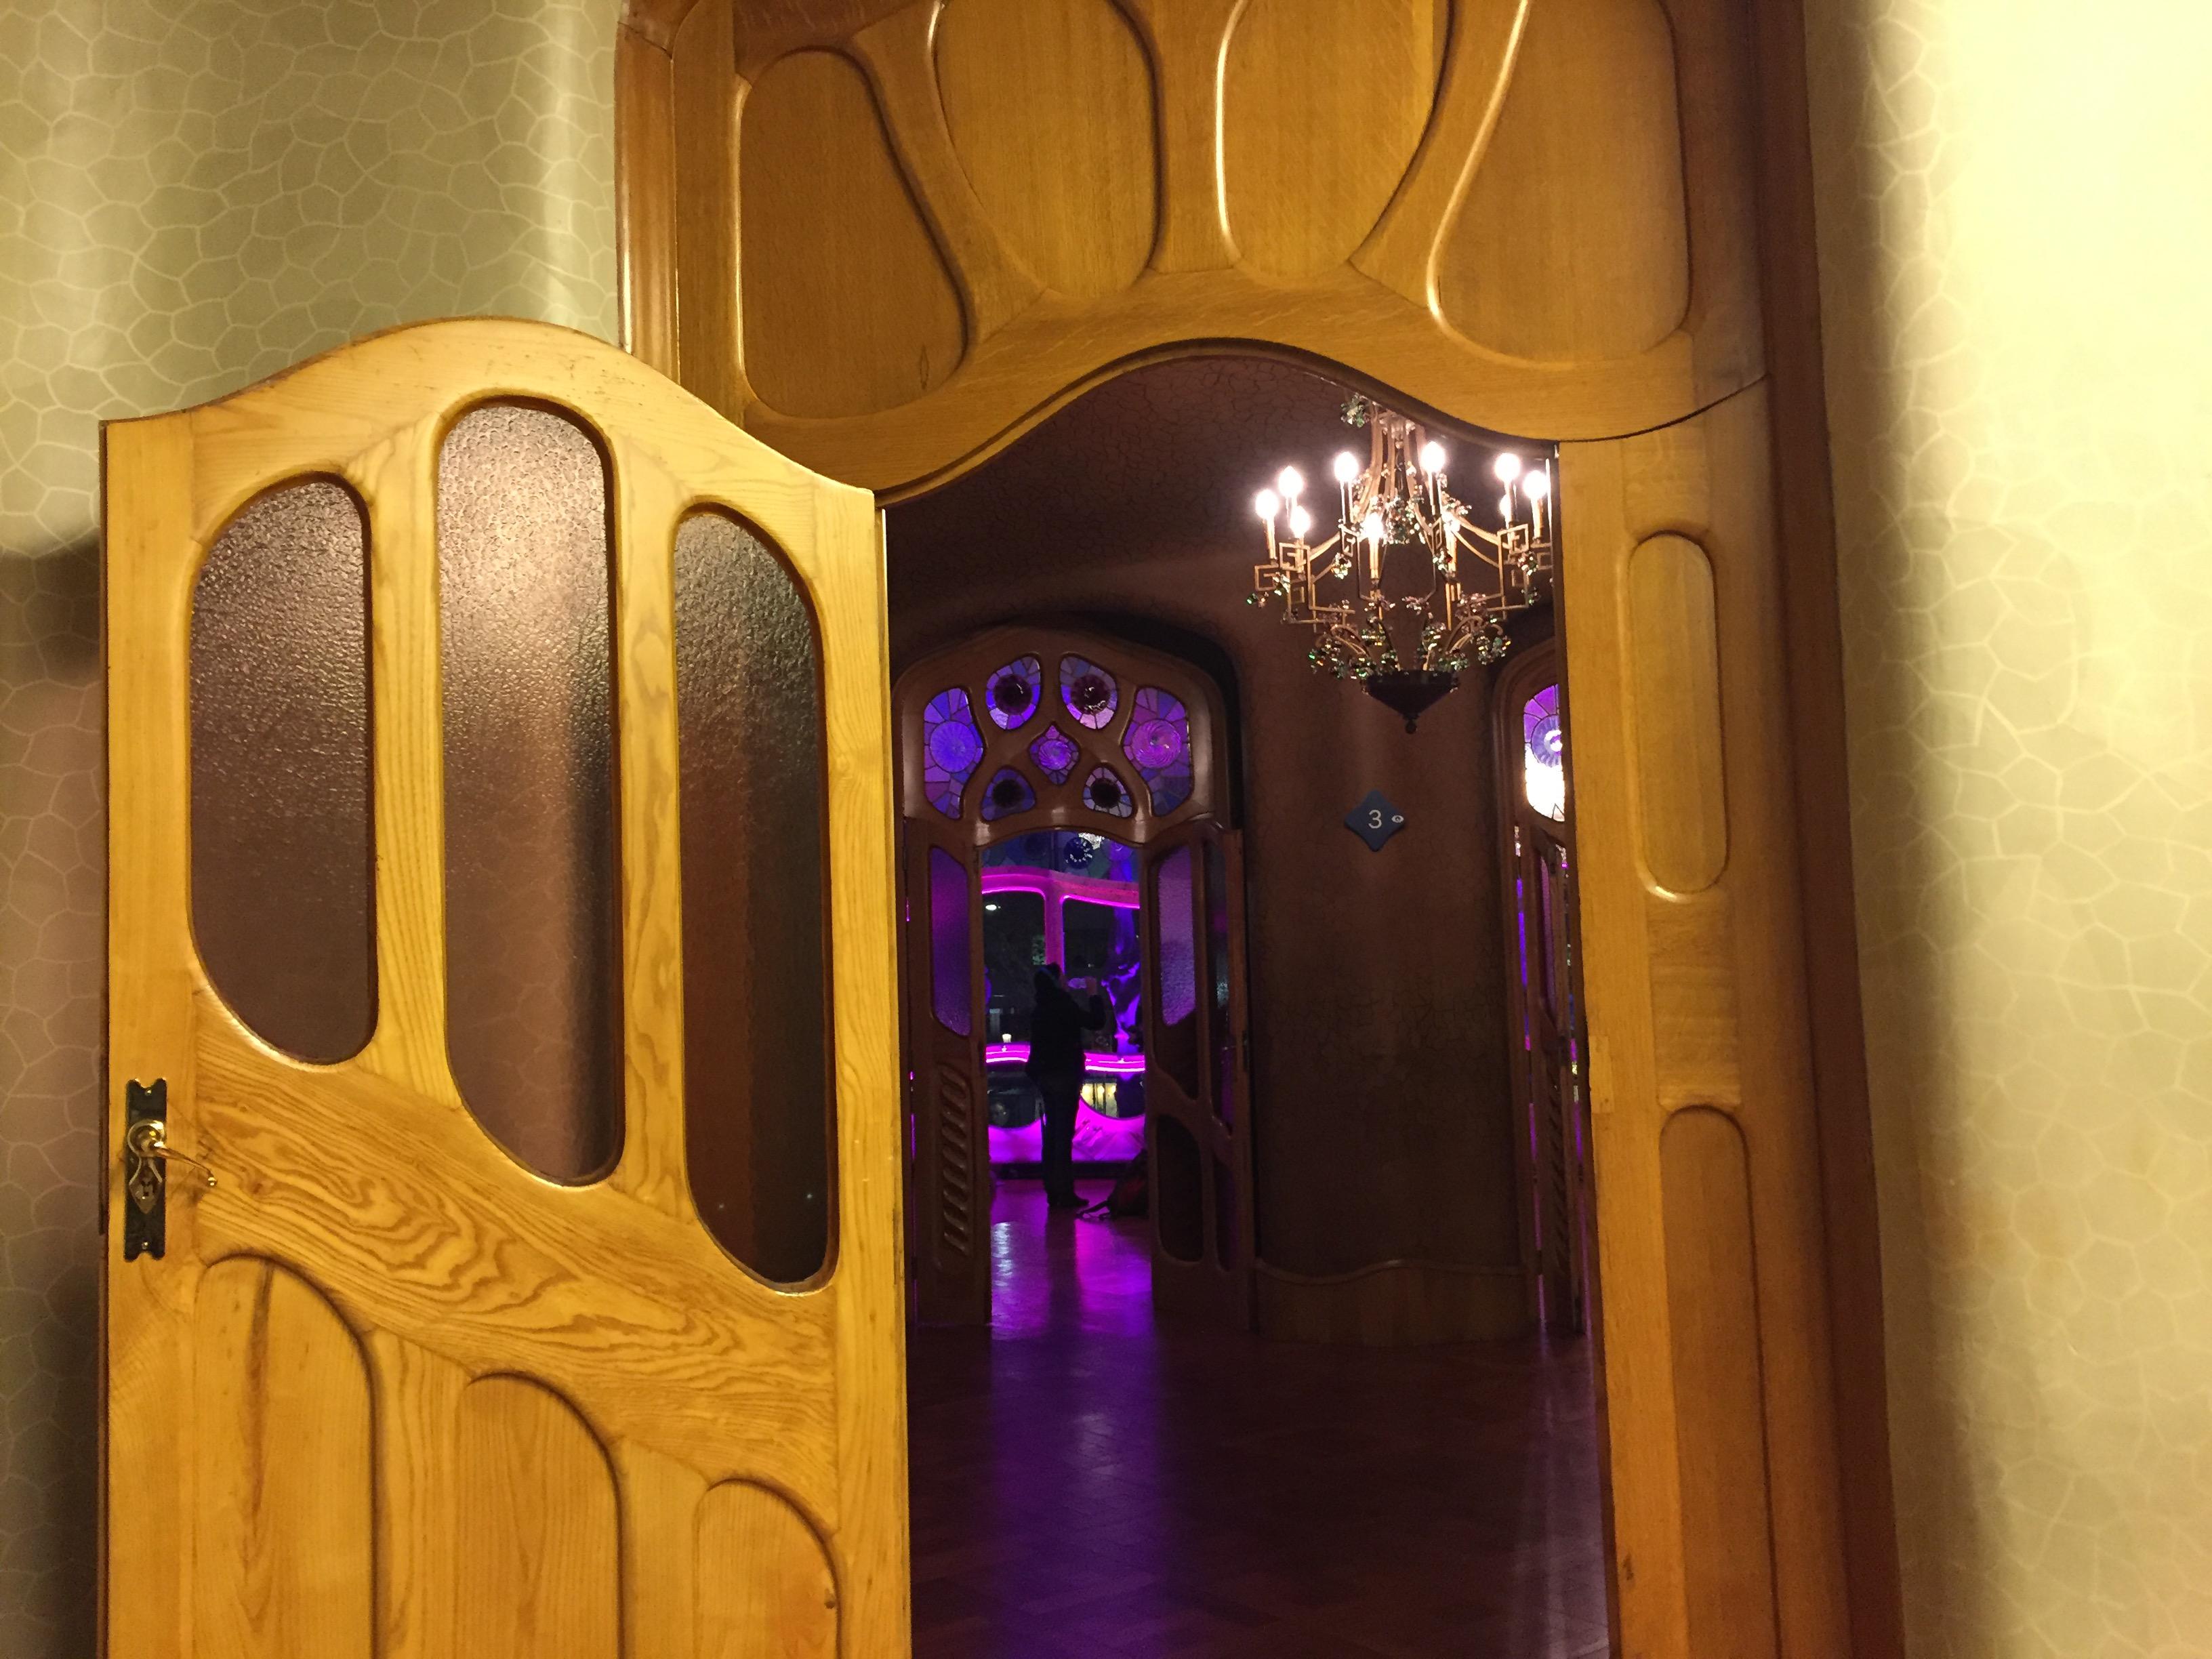 IMG 0823 - Visita a la Casa Batlló en Barcelona Parte I/II